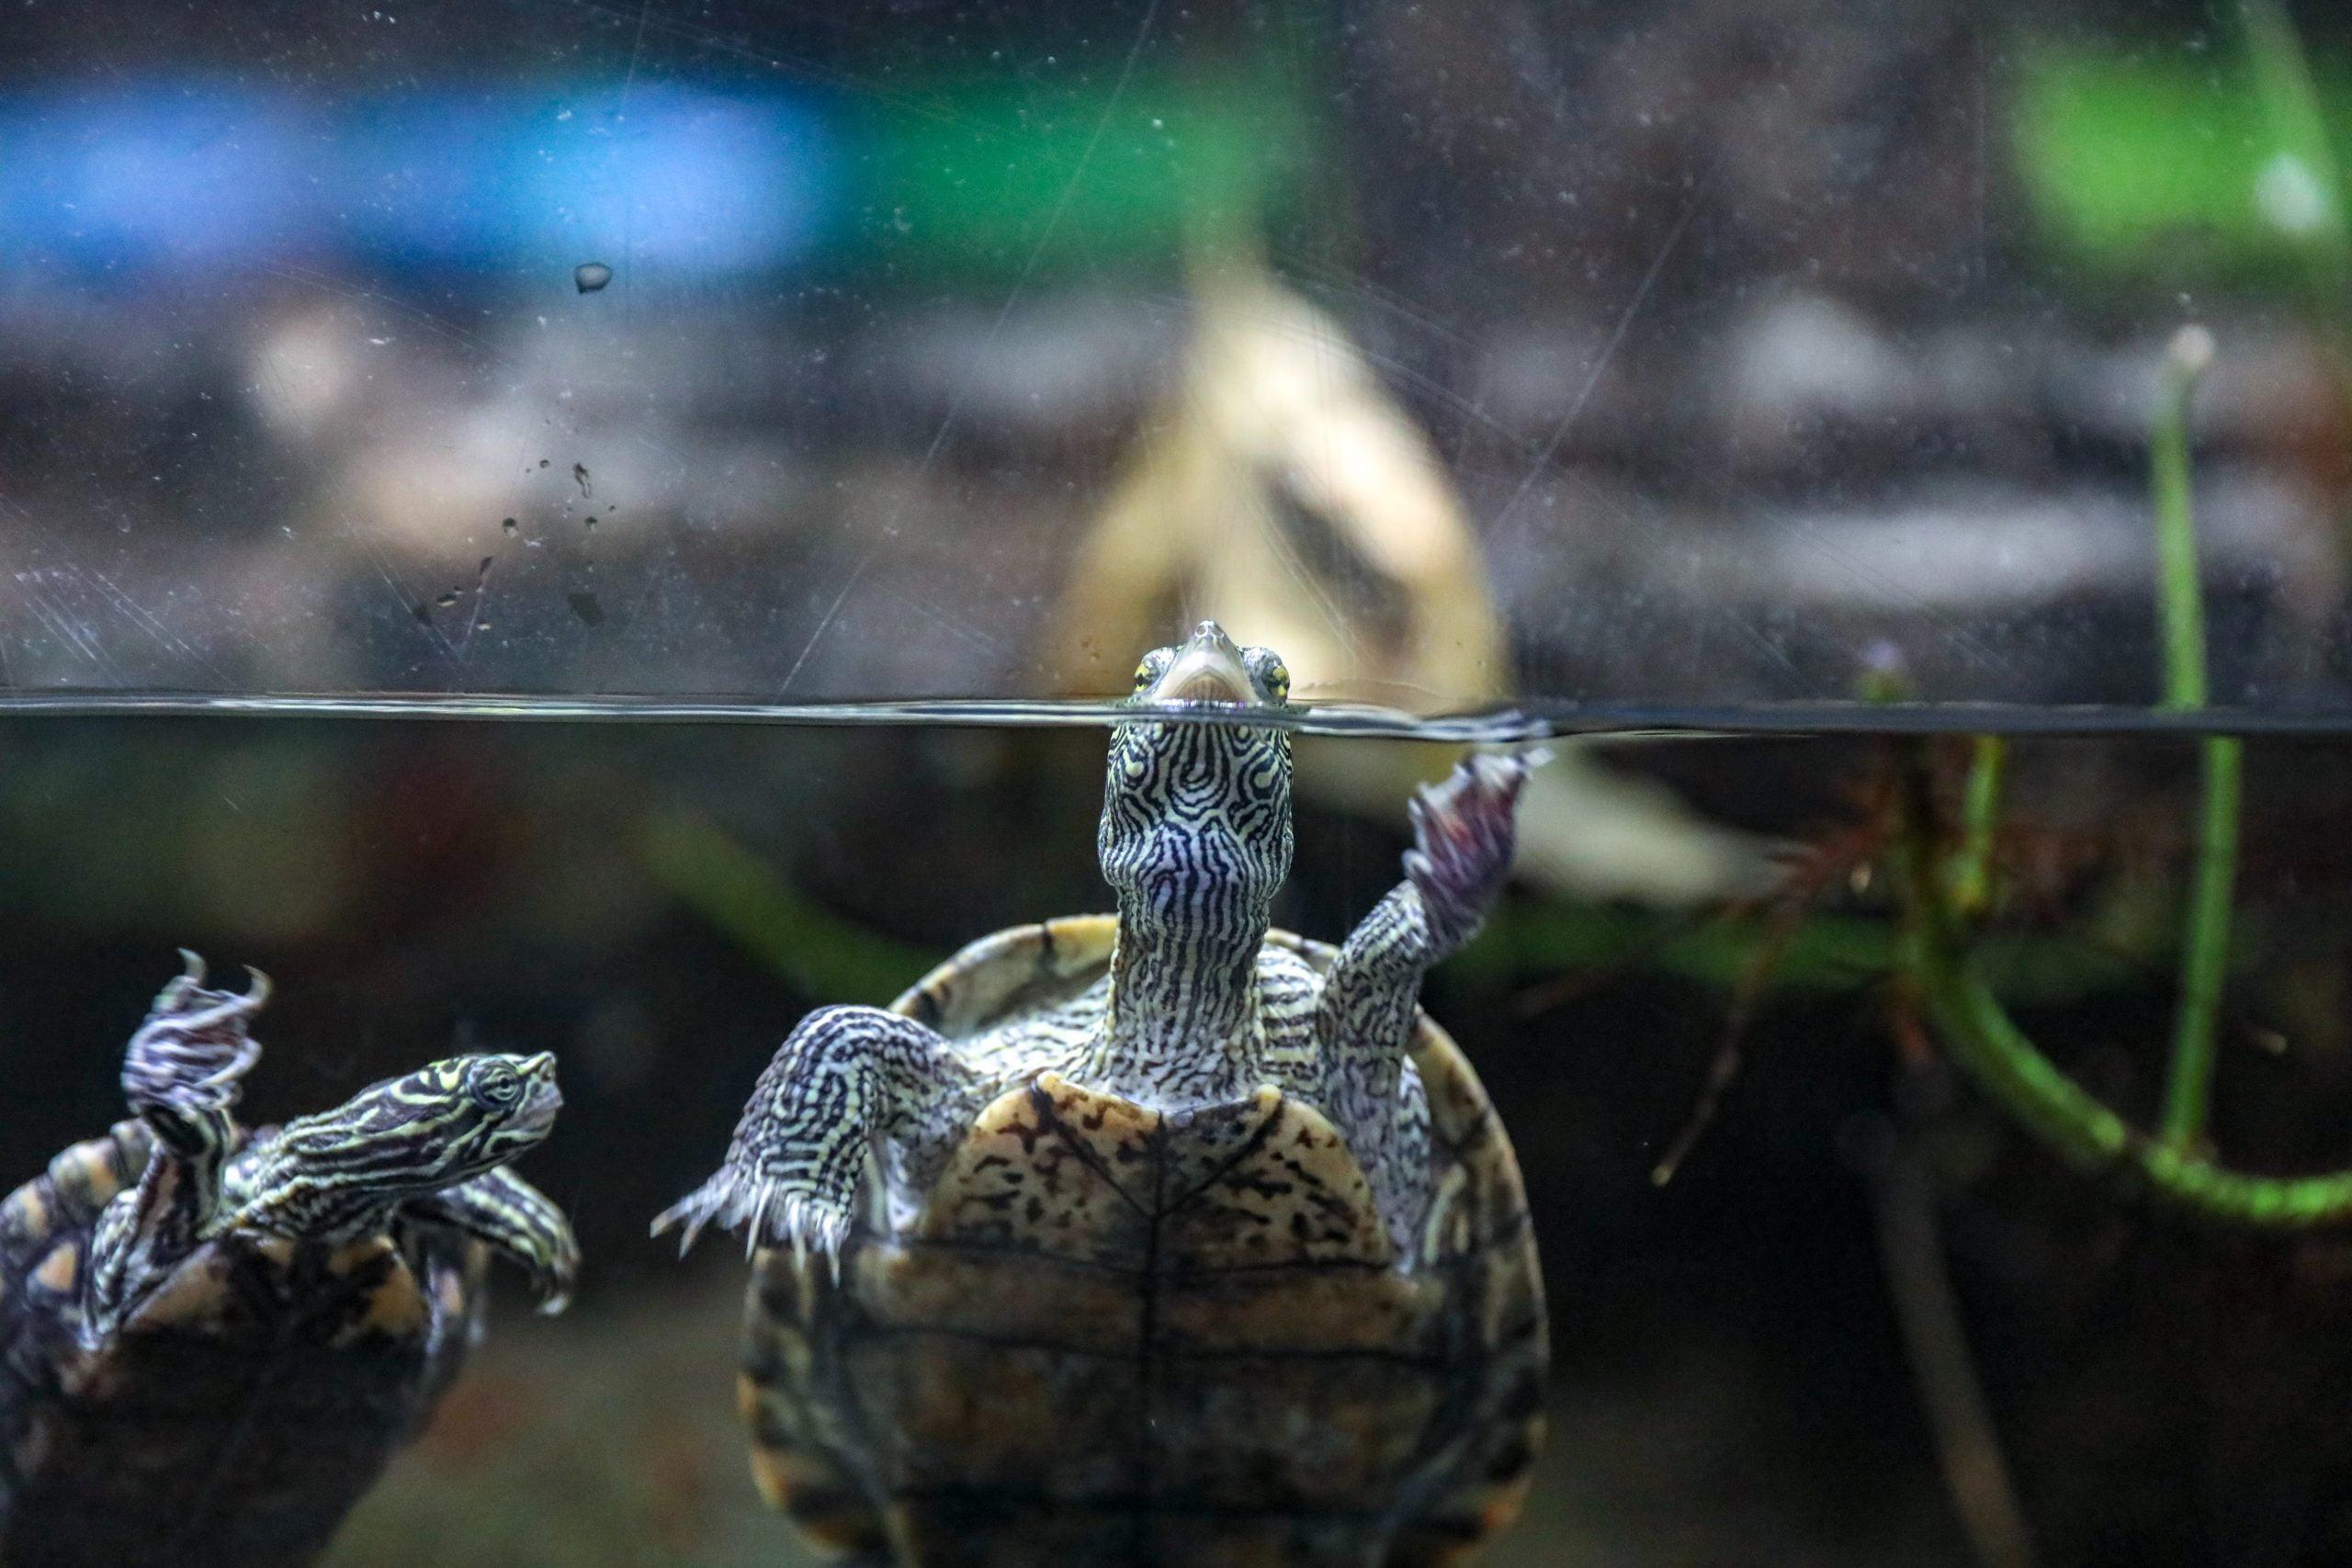 Tortugas Acuáticas: Guía Completa de cuidado e información 1